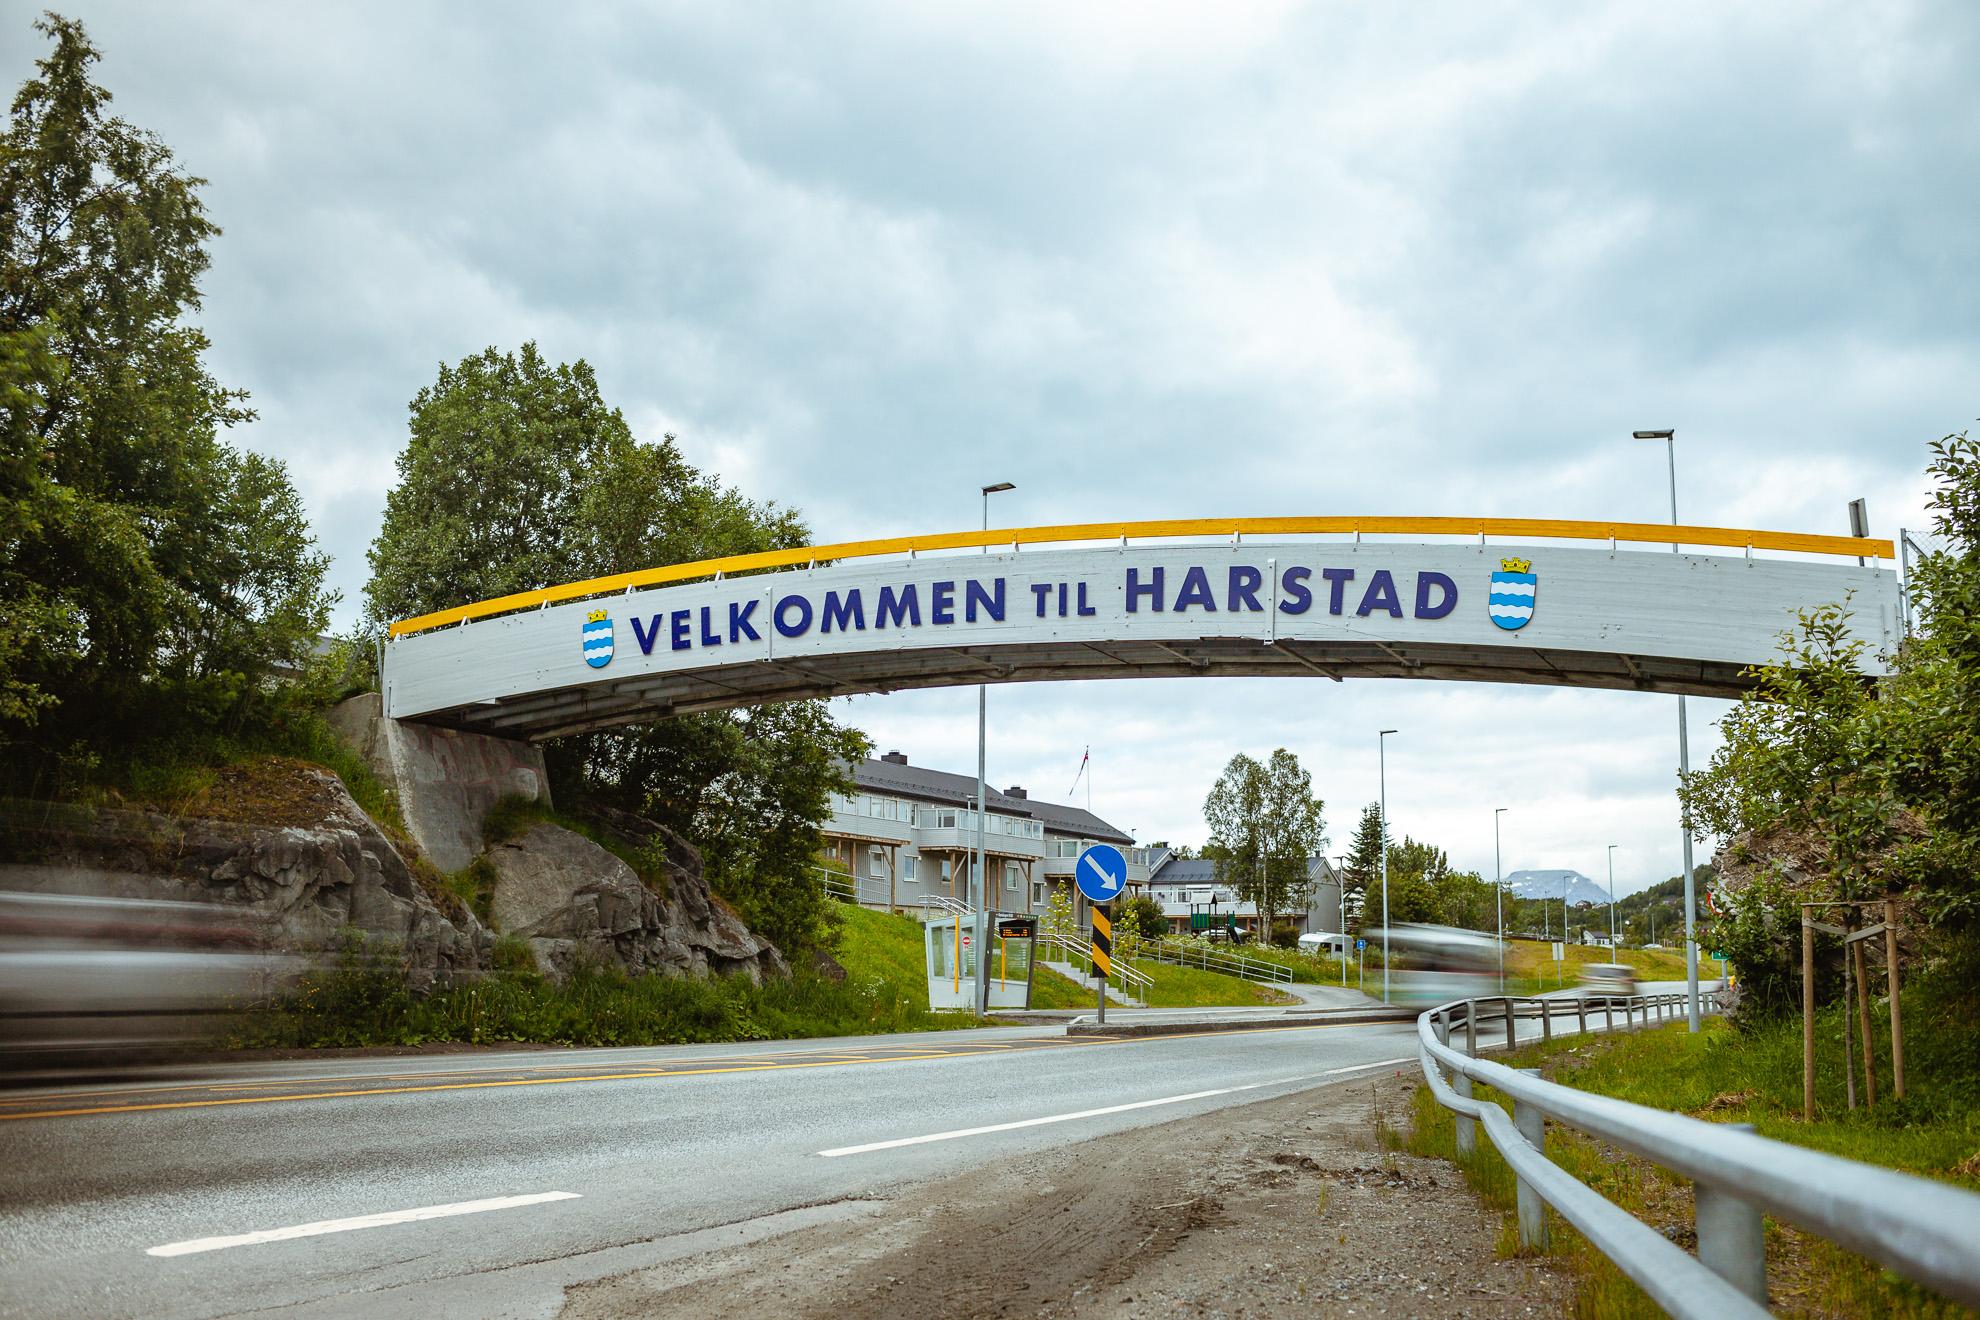 Velkommen til Harstad skilt